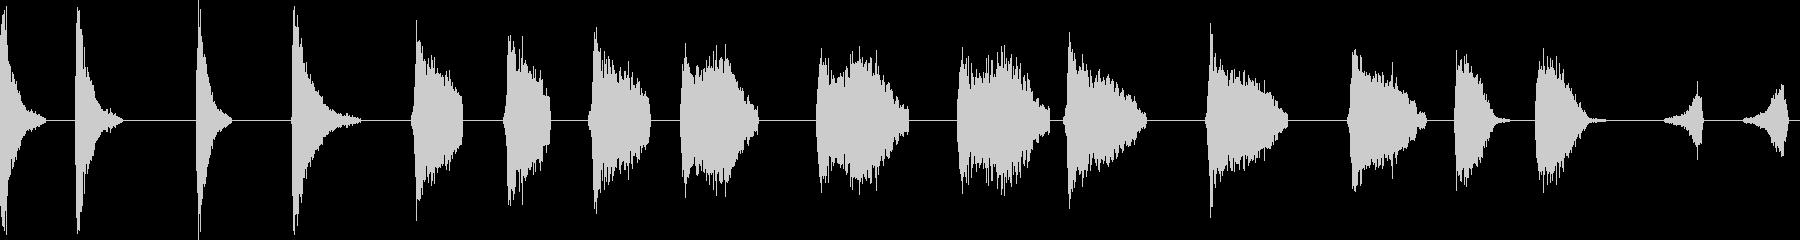 トーンディスクスロースピンヒューシューの未再生の波形